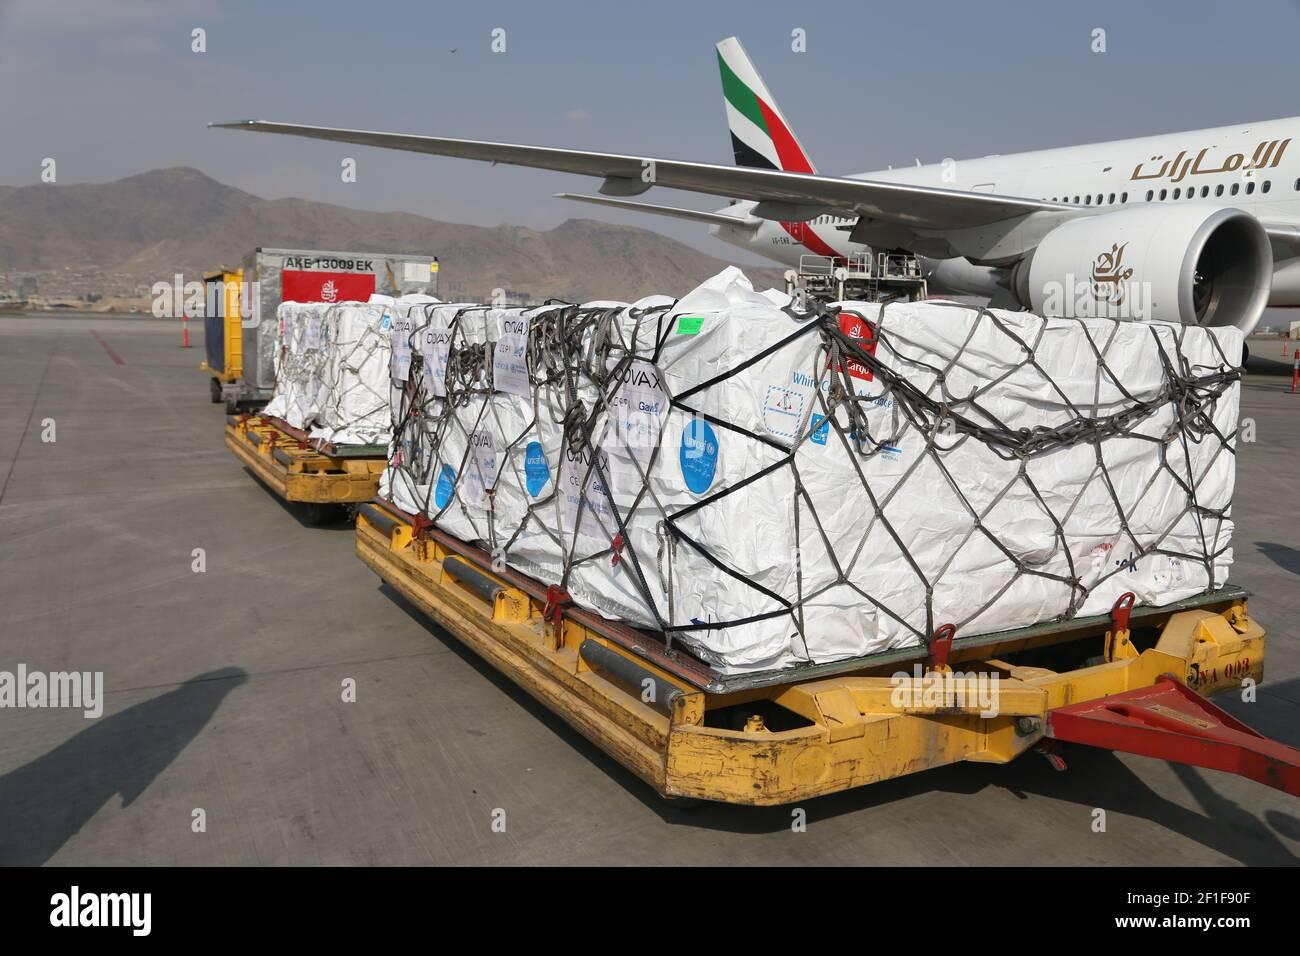 Kabul, Afganistán. 8th de marzo de 2021. La foto tomada el 8 de marzo de 2021 muestra las vacunas COVID-19 de COVAX, un programa internacional diseñado para ayudar a los países de ingresos bajos y medianos a tener más acceso a las vacunas COVID-19, llegando al Aeropuerto Internacional Hamid Karzai en Kabul, capital de Afganistán. Crédito: Sayed Mominzadah/Xinhua/Alamy Live News Foto de stock